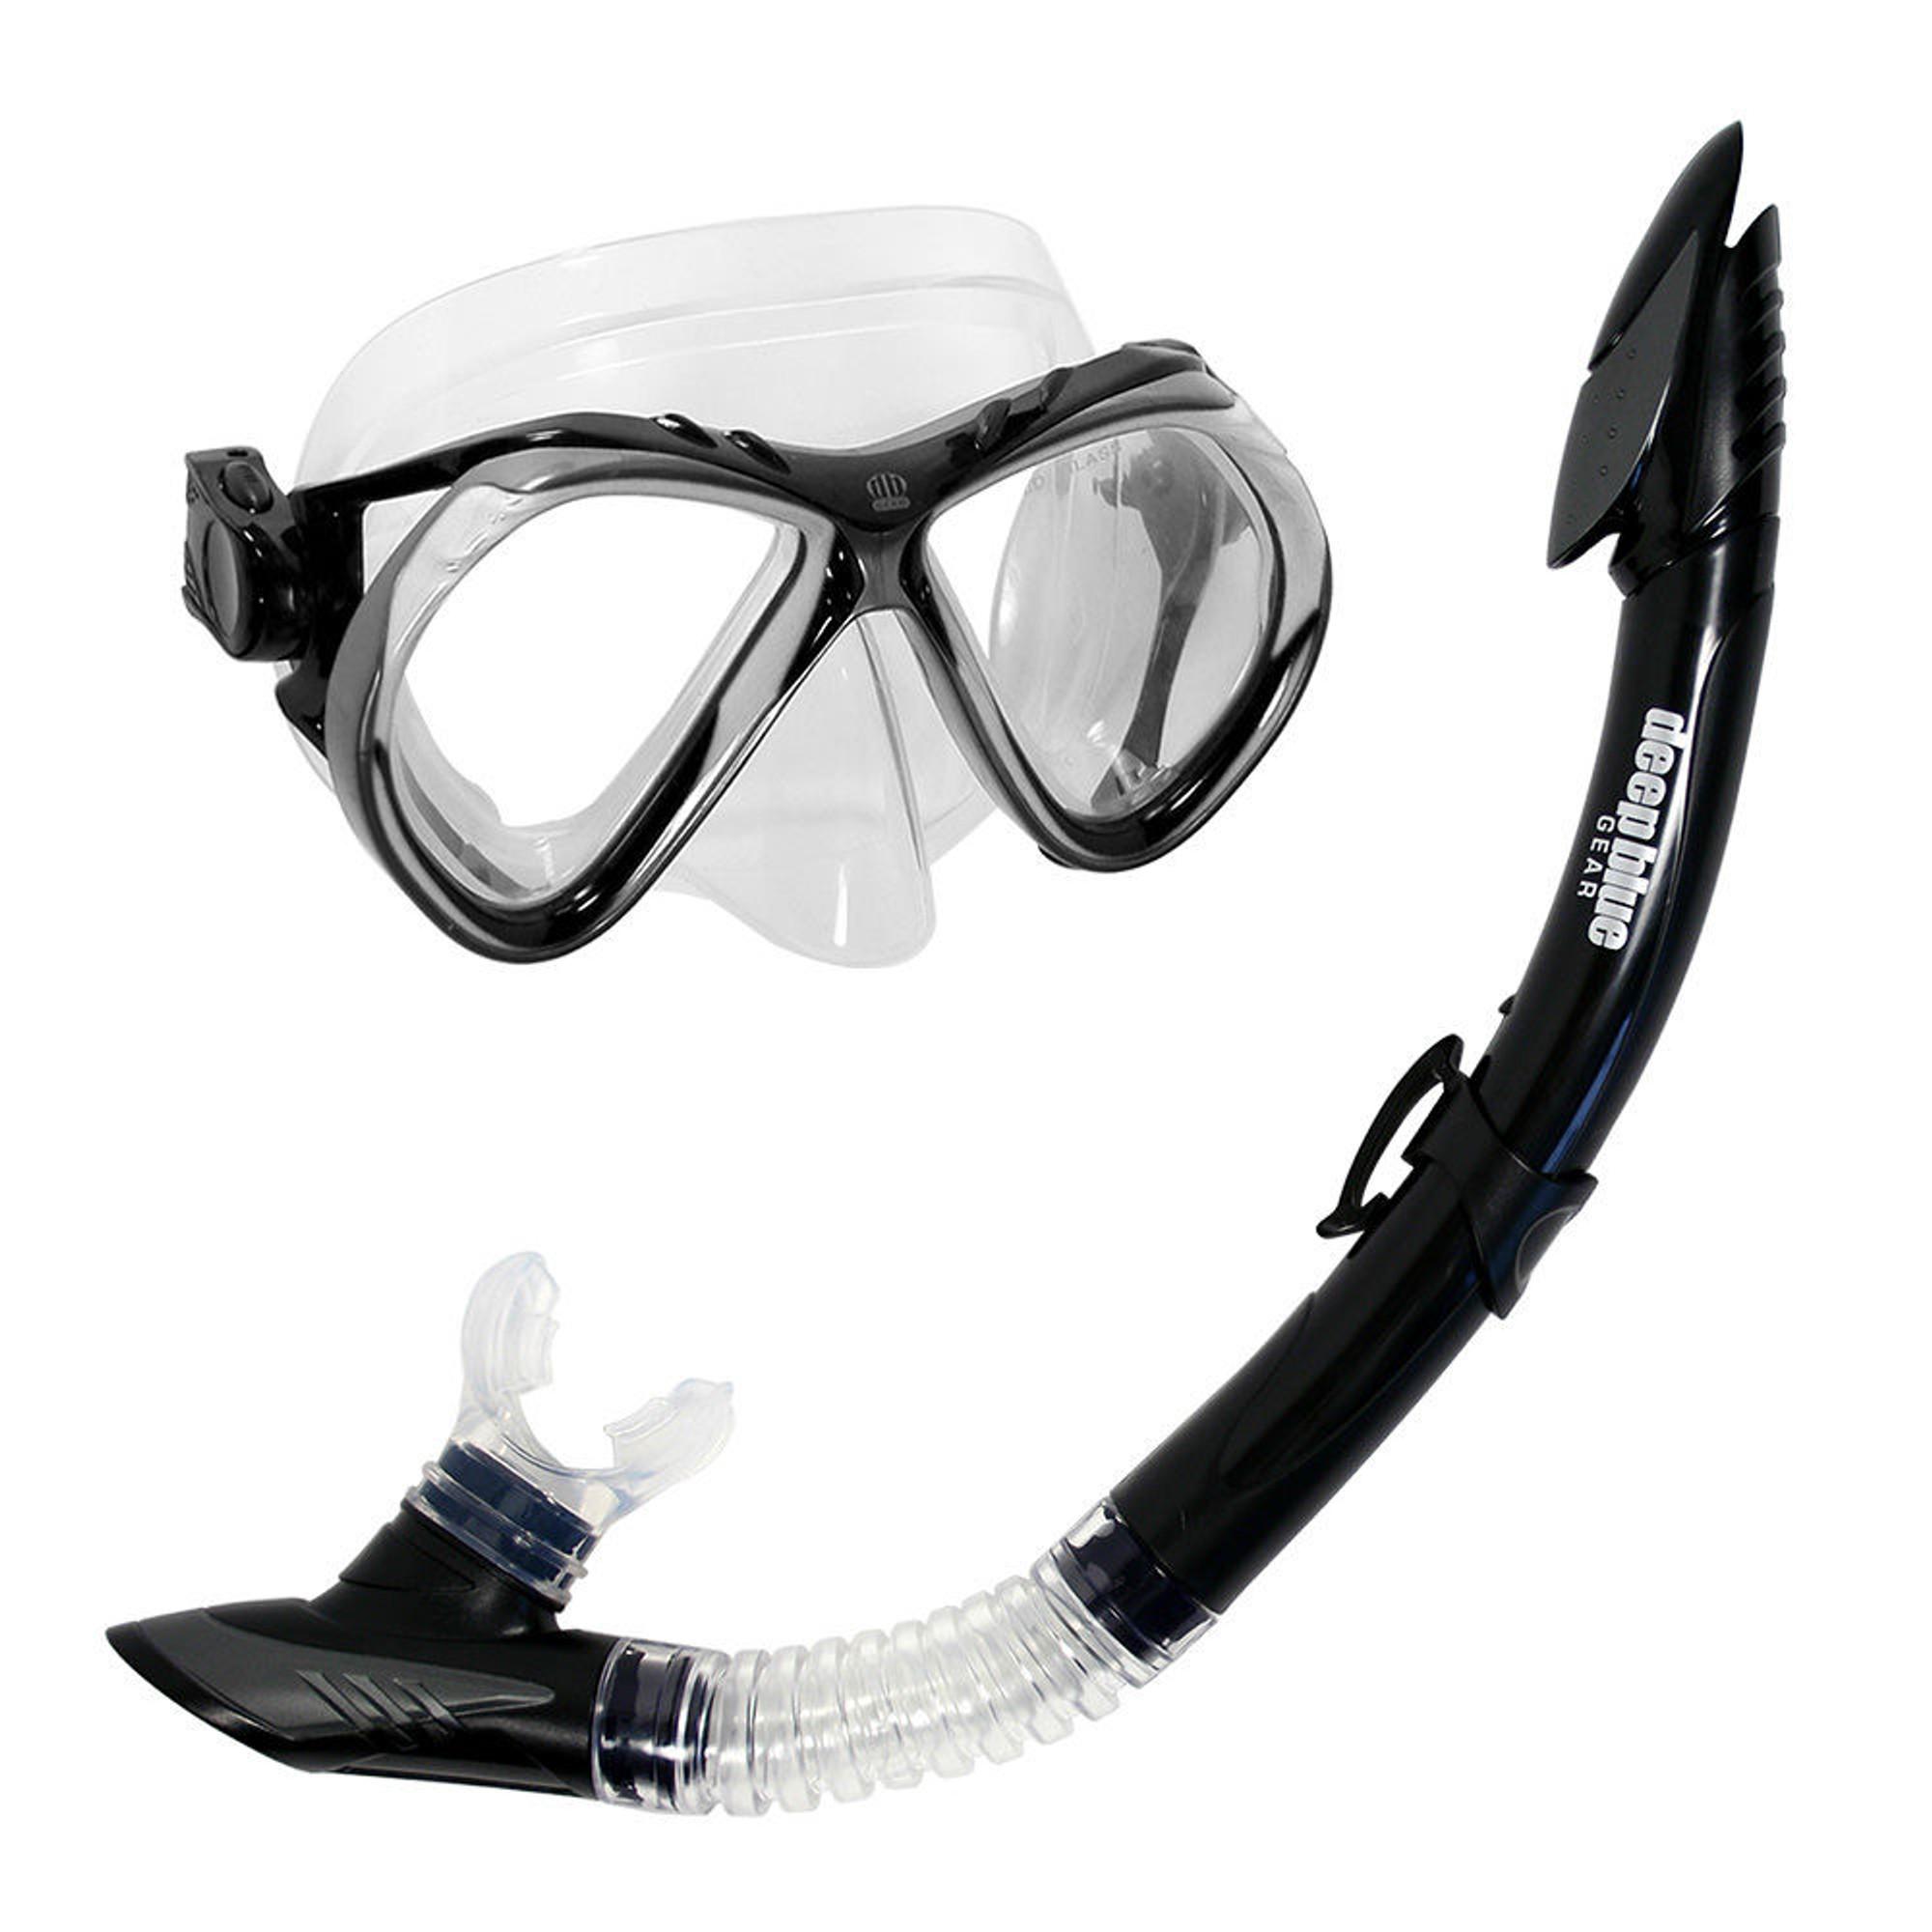 Del Sol 2 - Adult Mask and Snorkel Set